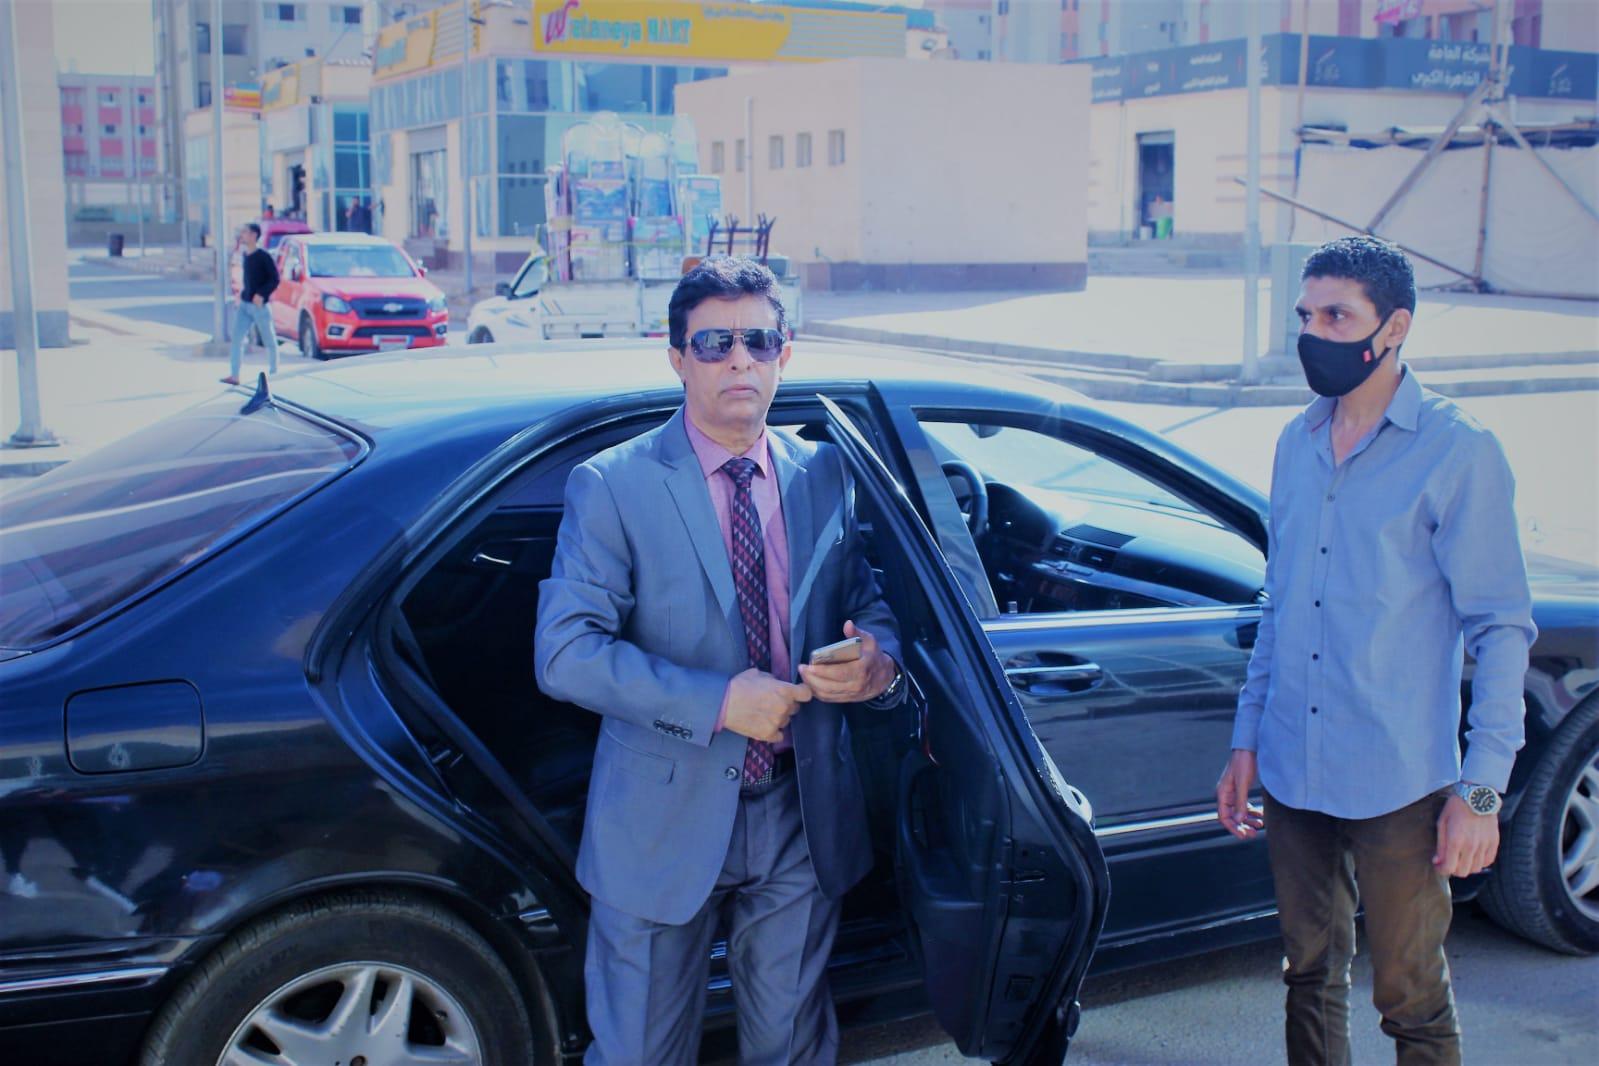 الموسيقار العالمي دكتور أحمد فتحي ملك العود يتفقد حي الأسمرات معجبا بمبادرة حياة كريمة